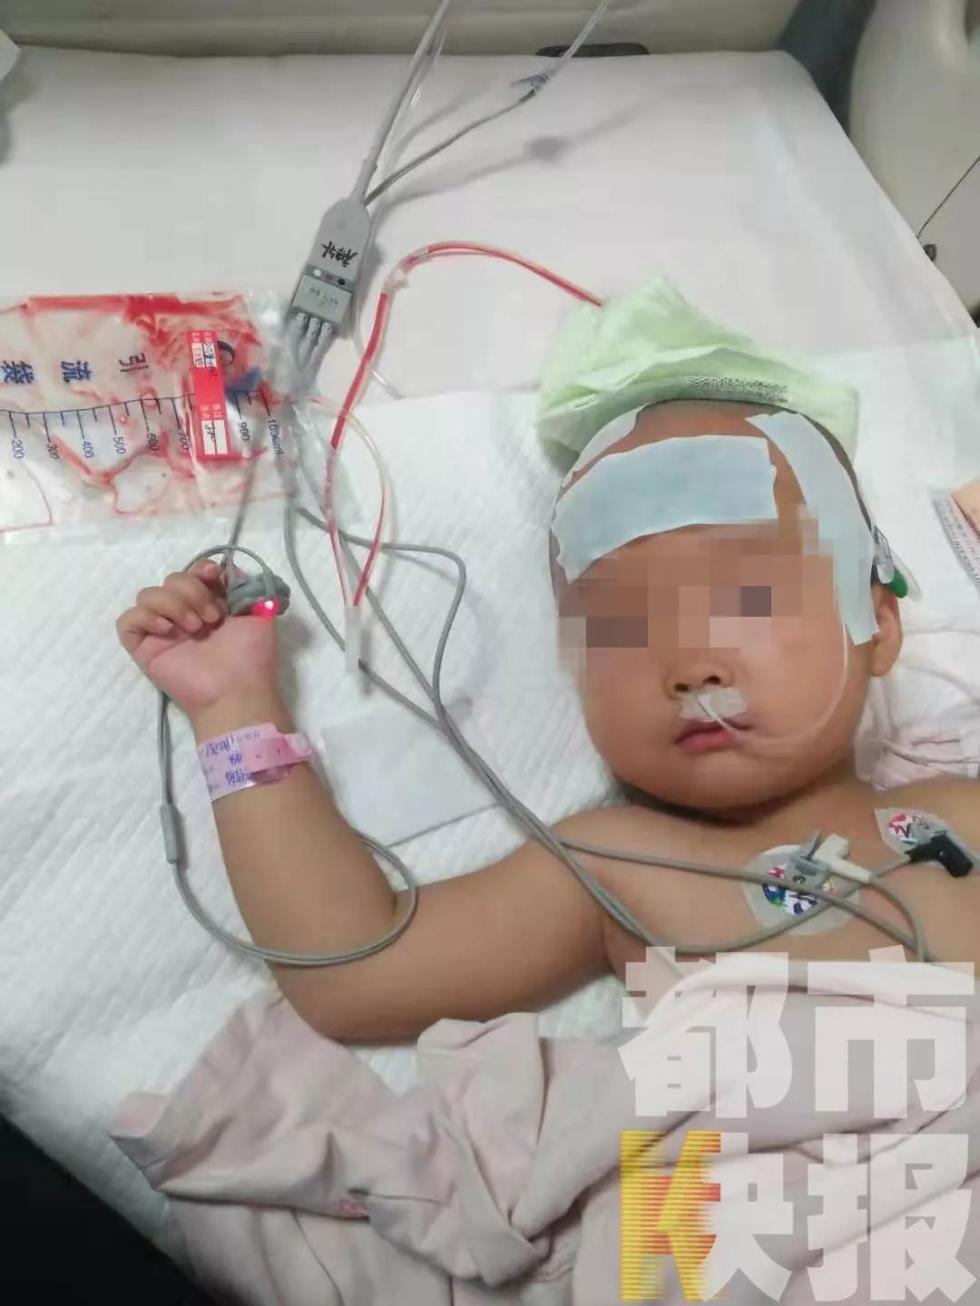 心酸!3岁女童患恶性肿瘤,父母选择先救女儿,奶奶还病着等待手术